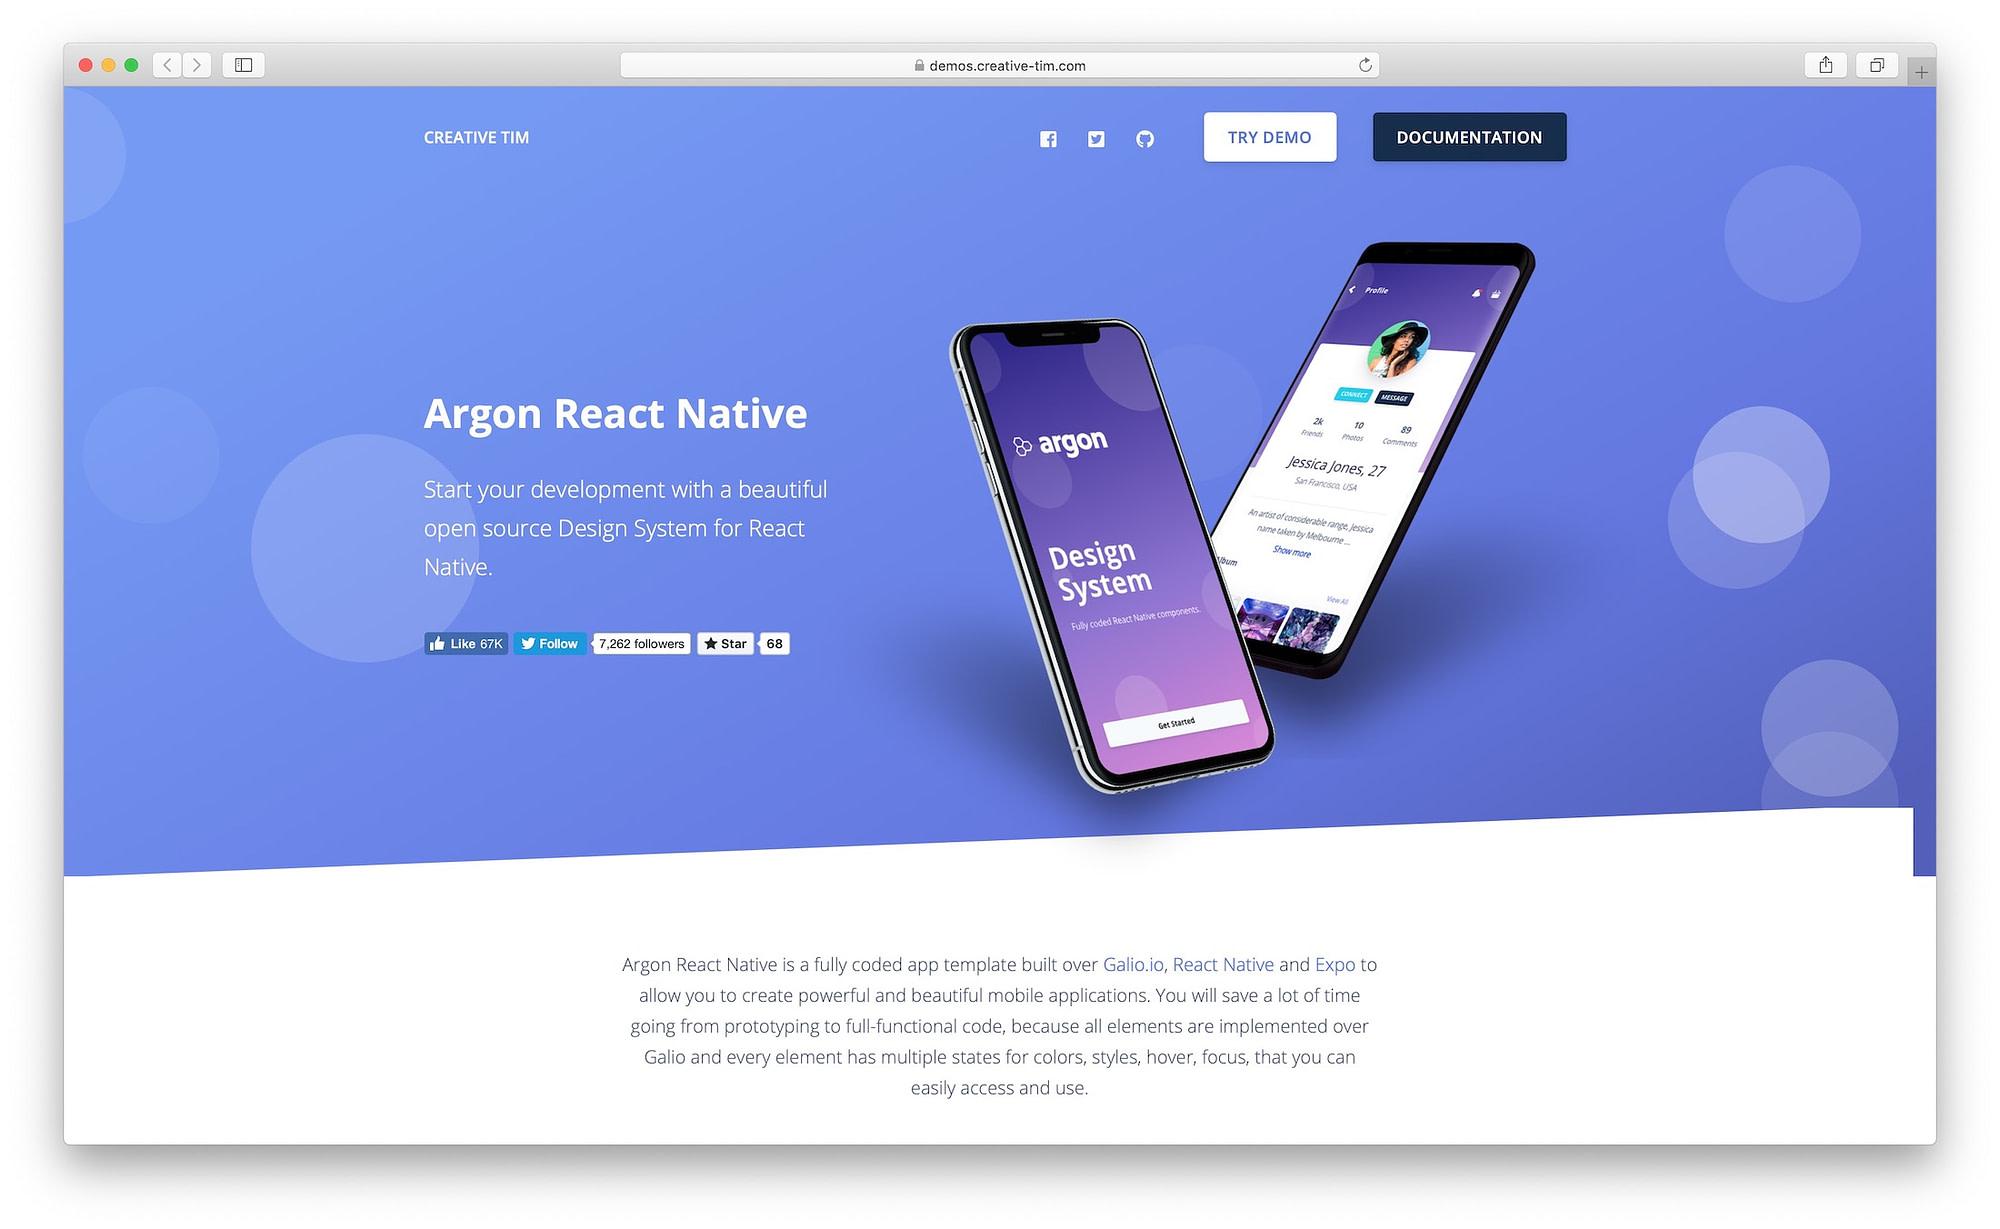 Argon React Native